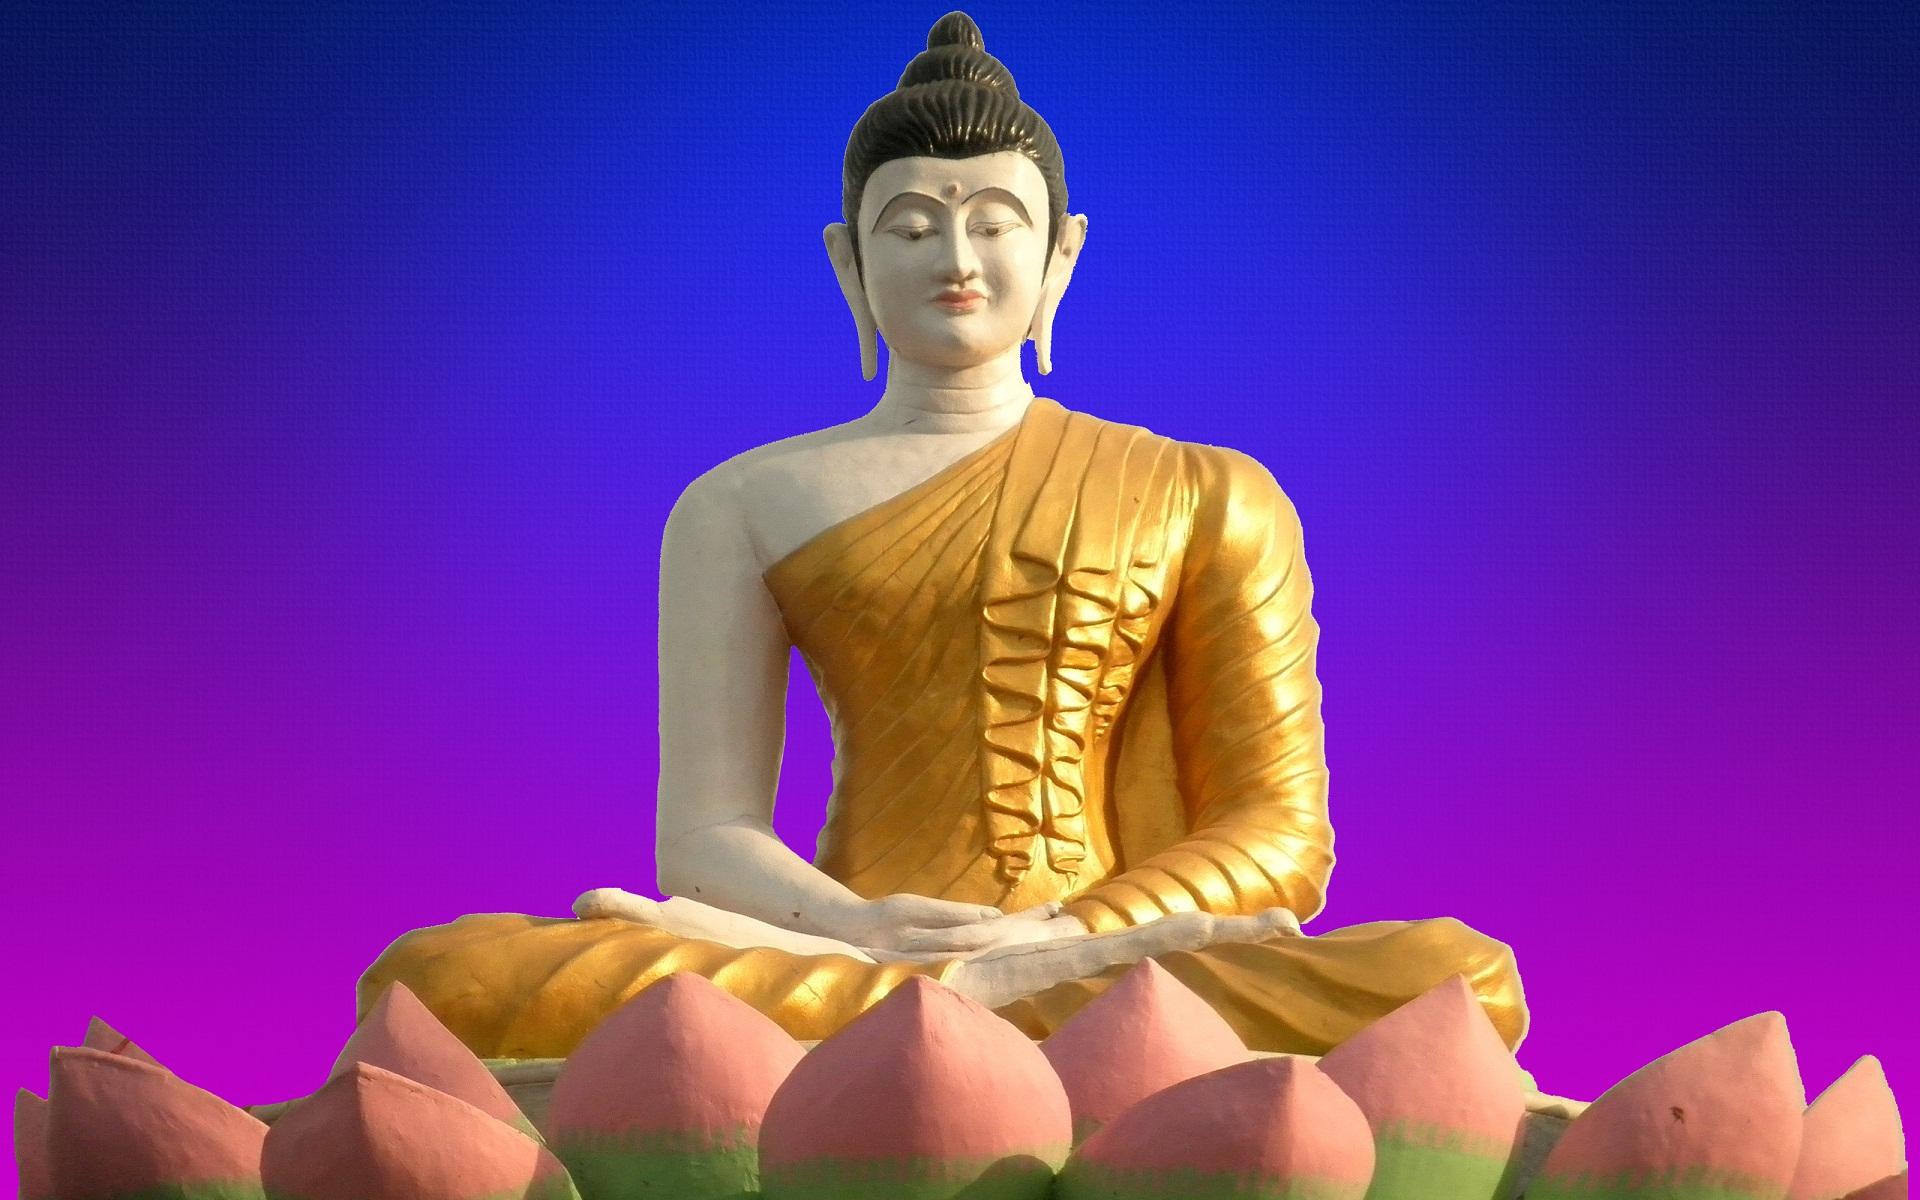 Lord-Gautama-Buddha